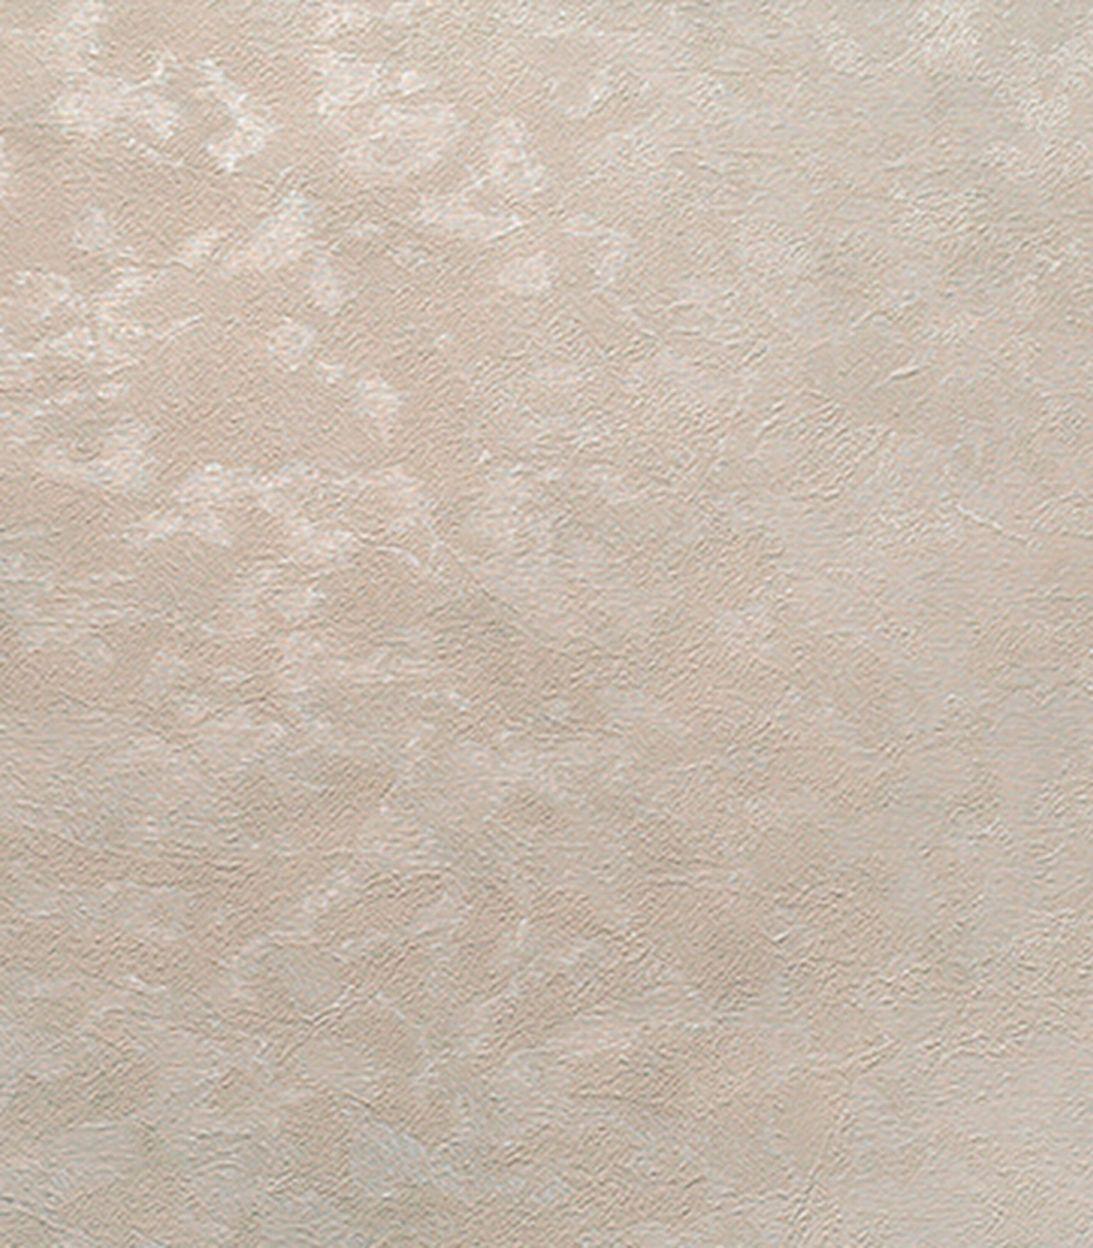 Обои виниловые на флизелиновой основе Elisium Фаворит 1,06х10м Е68200 обои виниловые флизелиновые bn international van gogh 17163